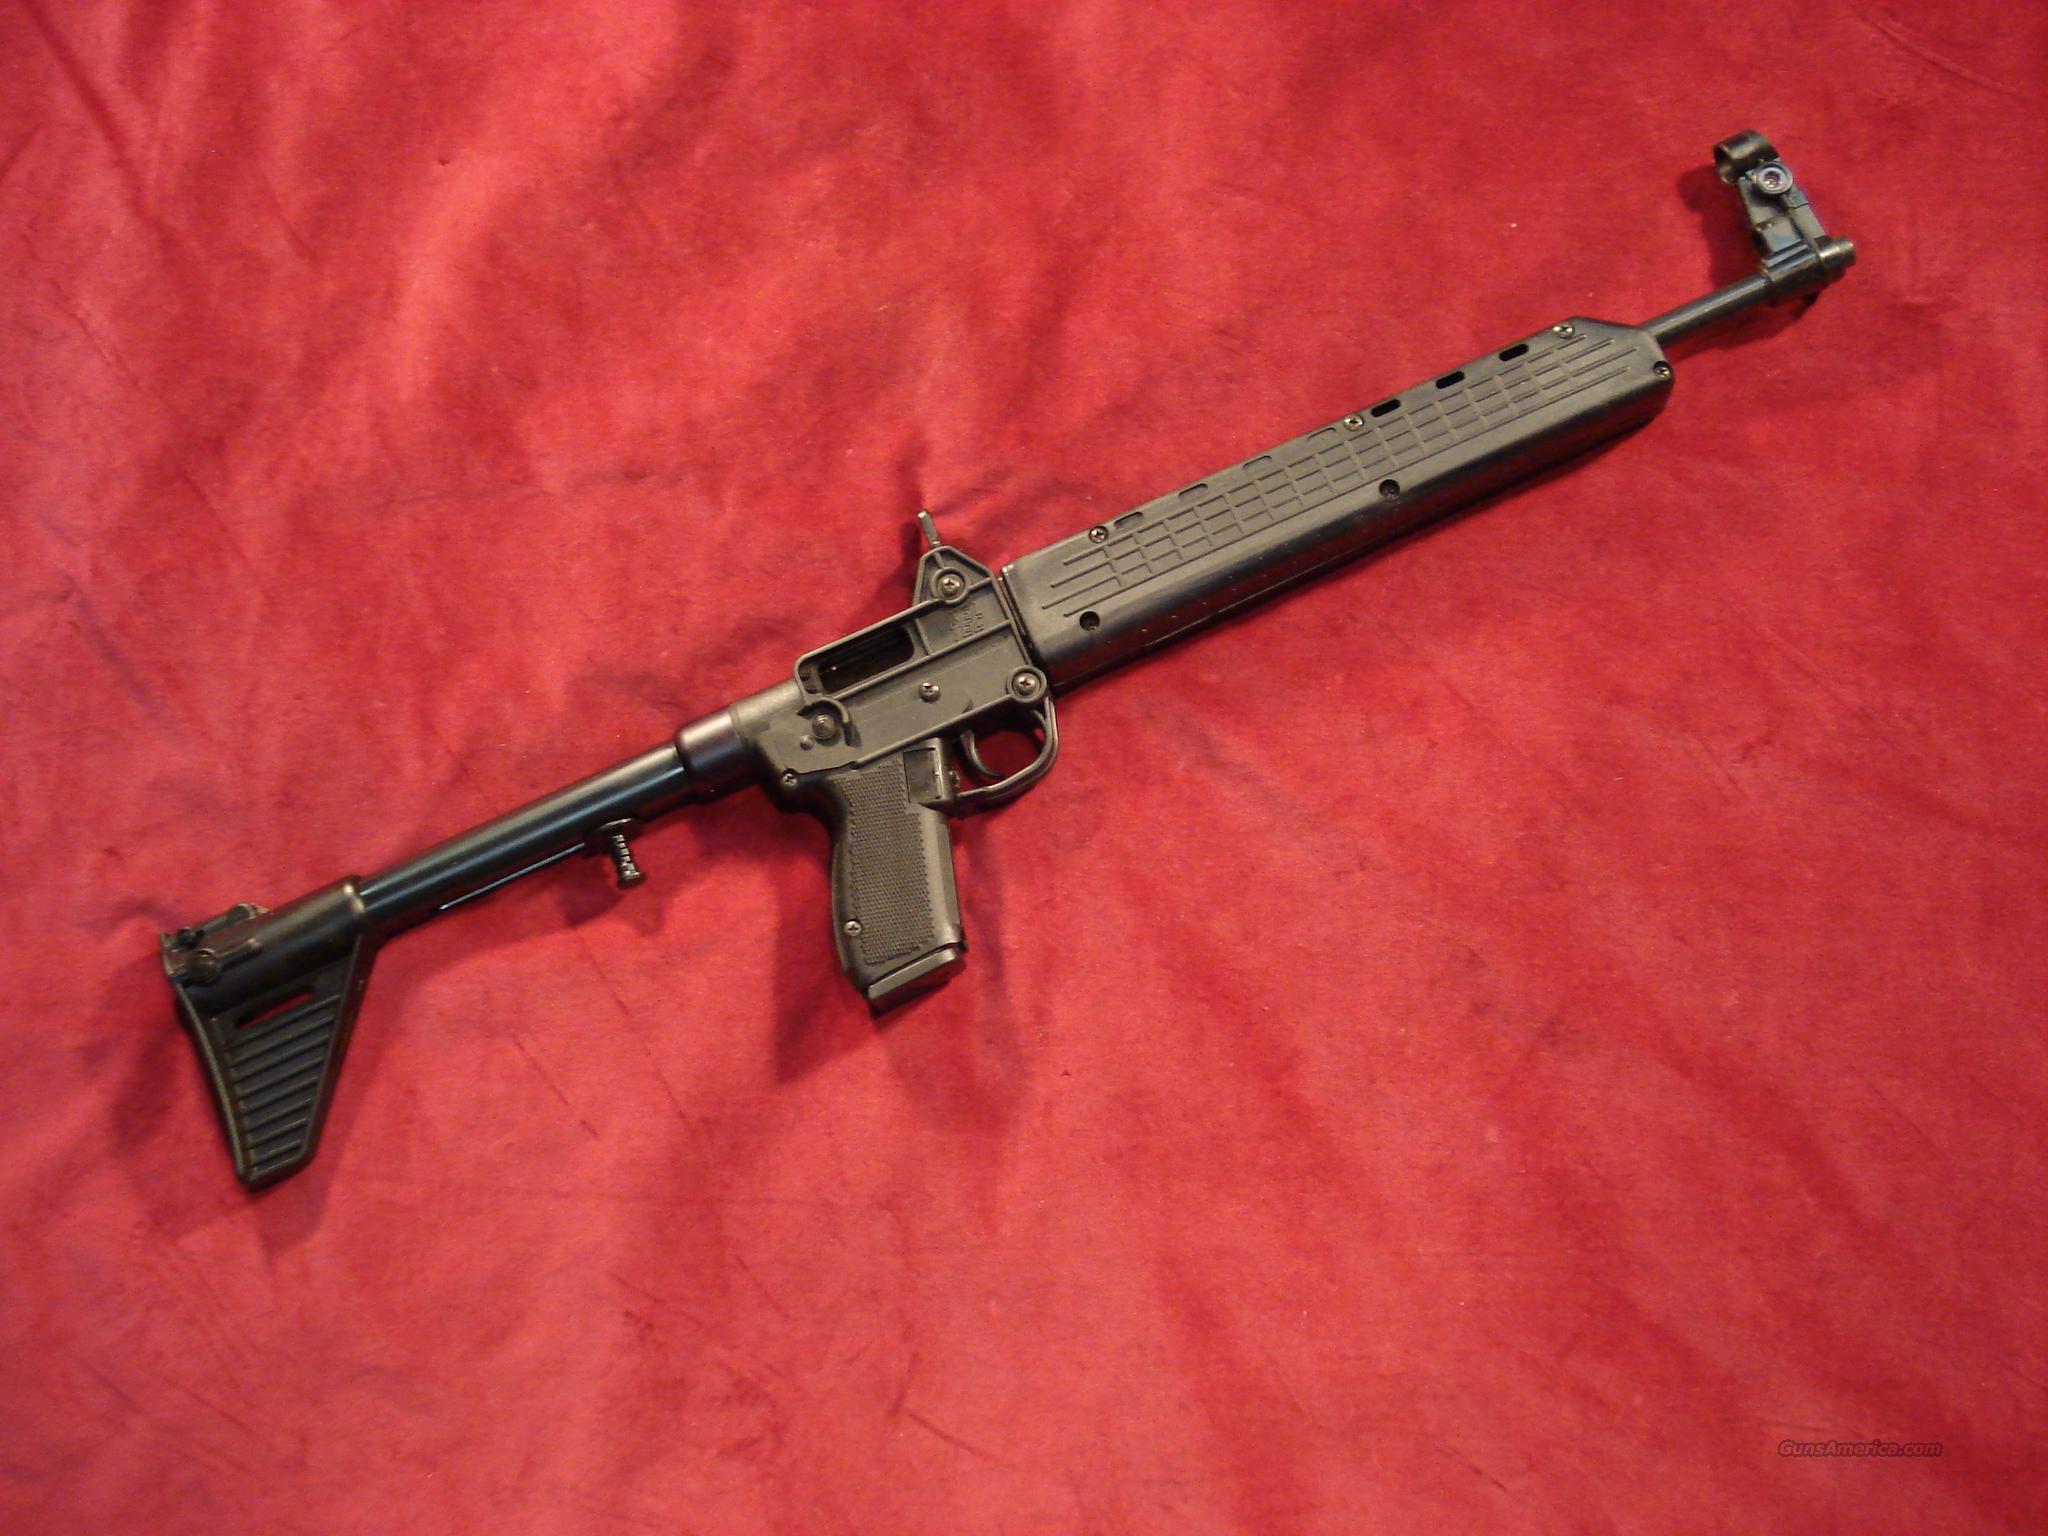 KEL-TEC SUB 2K40  GLOCK MAG NEW  Guns > Rifles > Kel-Tec Rifles